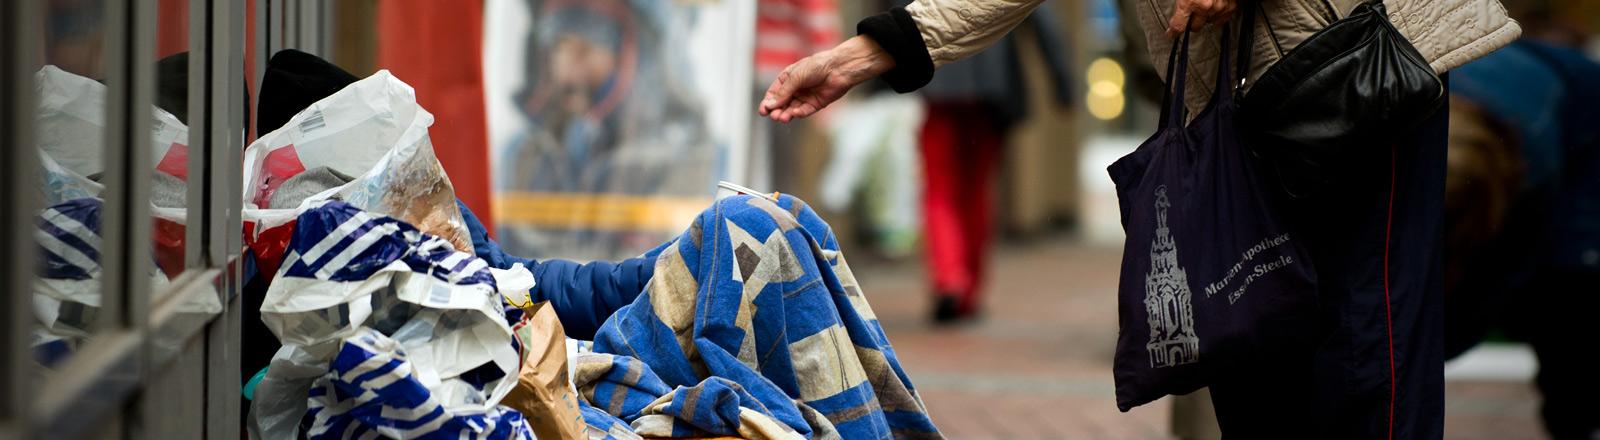 Eine Person reicht einem Obdachlosen die Hand.